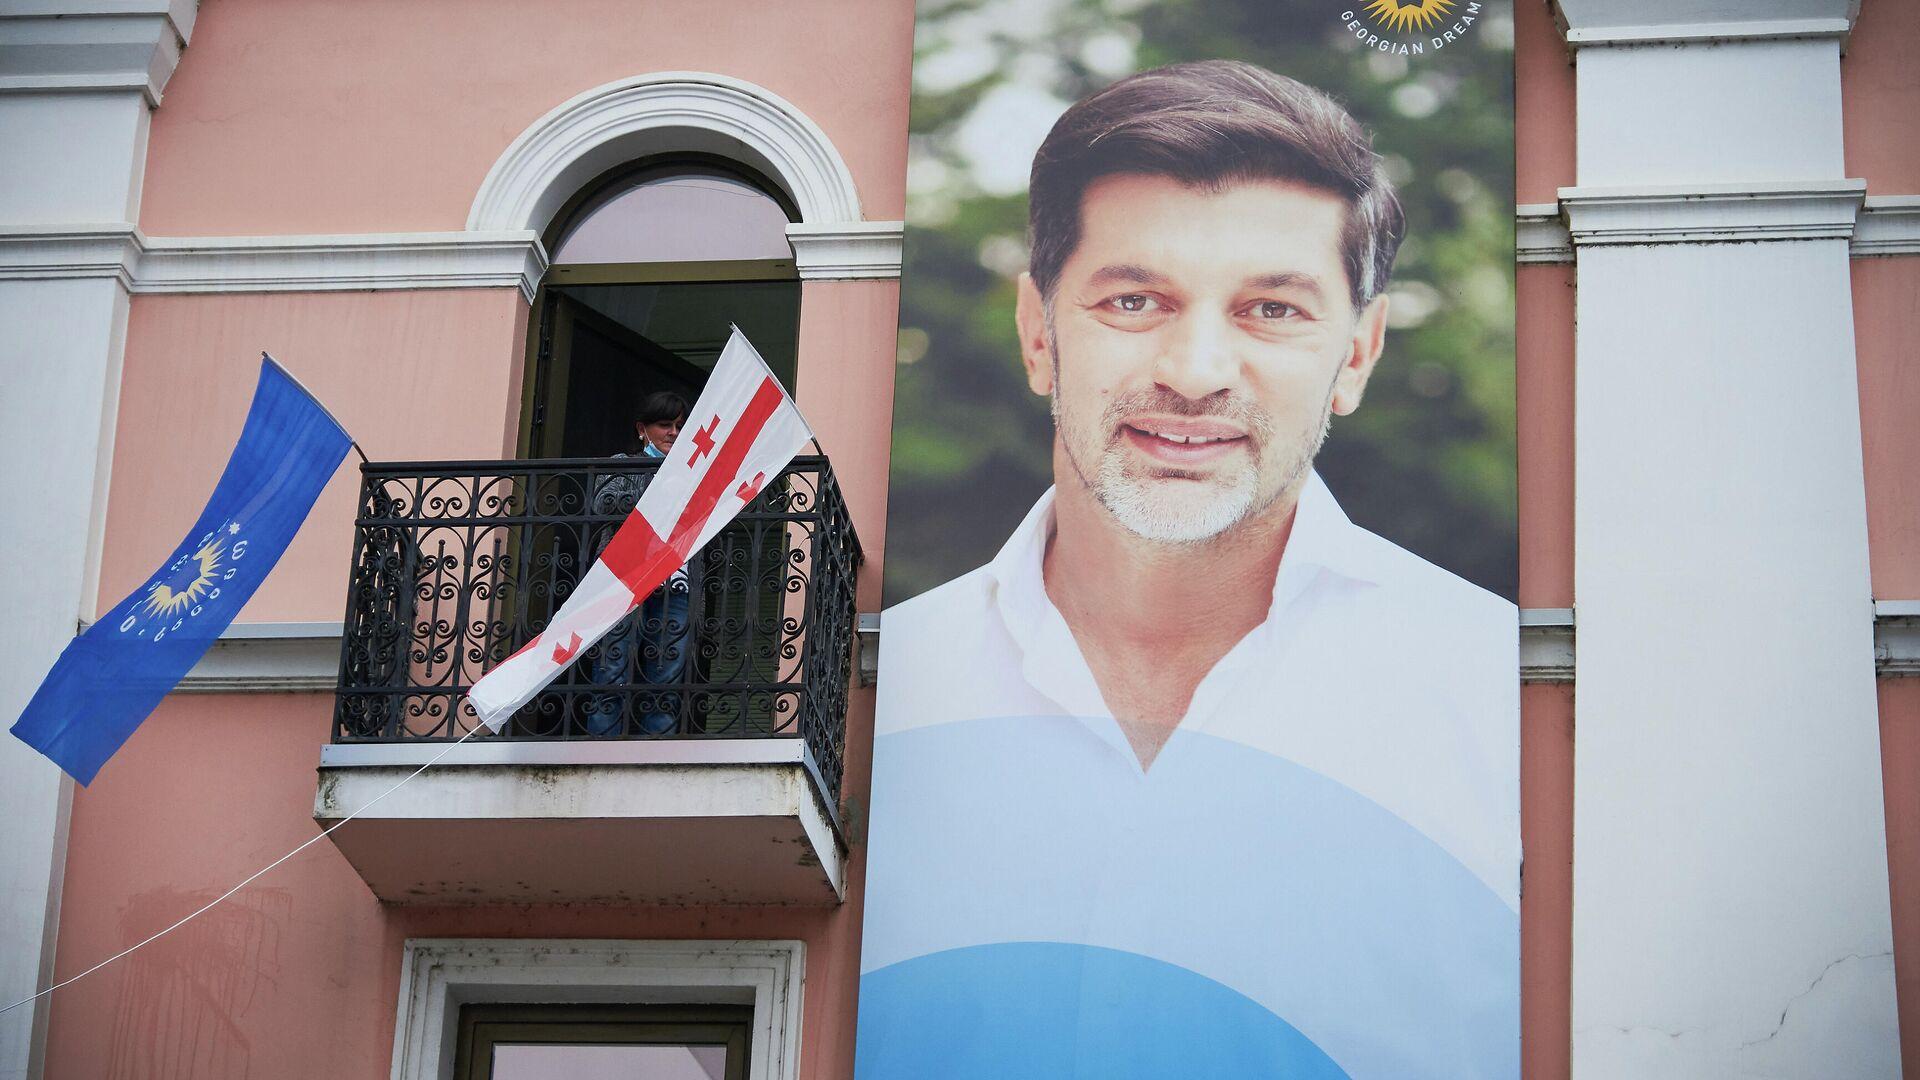 Каха Каладзе - баннер на штаб-квартире правящей партии Грузинская мечта - Sputnik Грузия, 1920, 02.10.2021